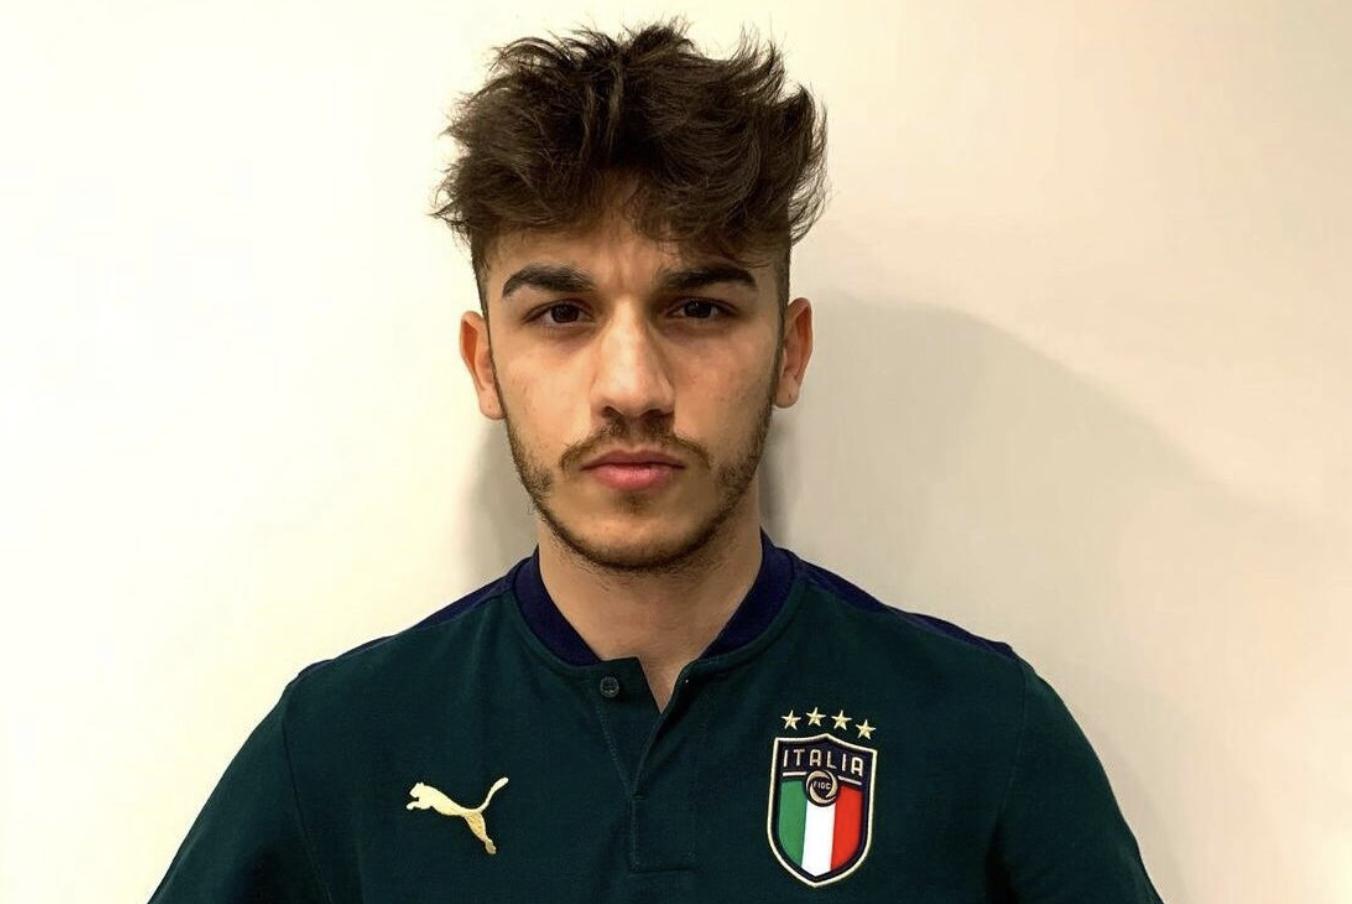 FIFA eNations Cup, il napoletano Rocco Guarino (guarinoJR_) conquista la nazionale italiana di calcio virtuale per i prossimi mondiali